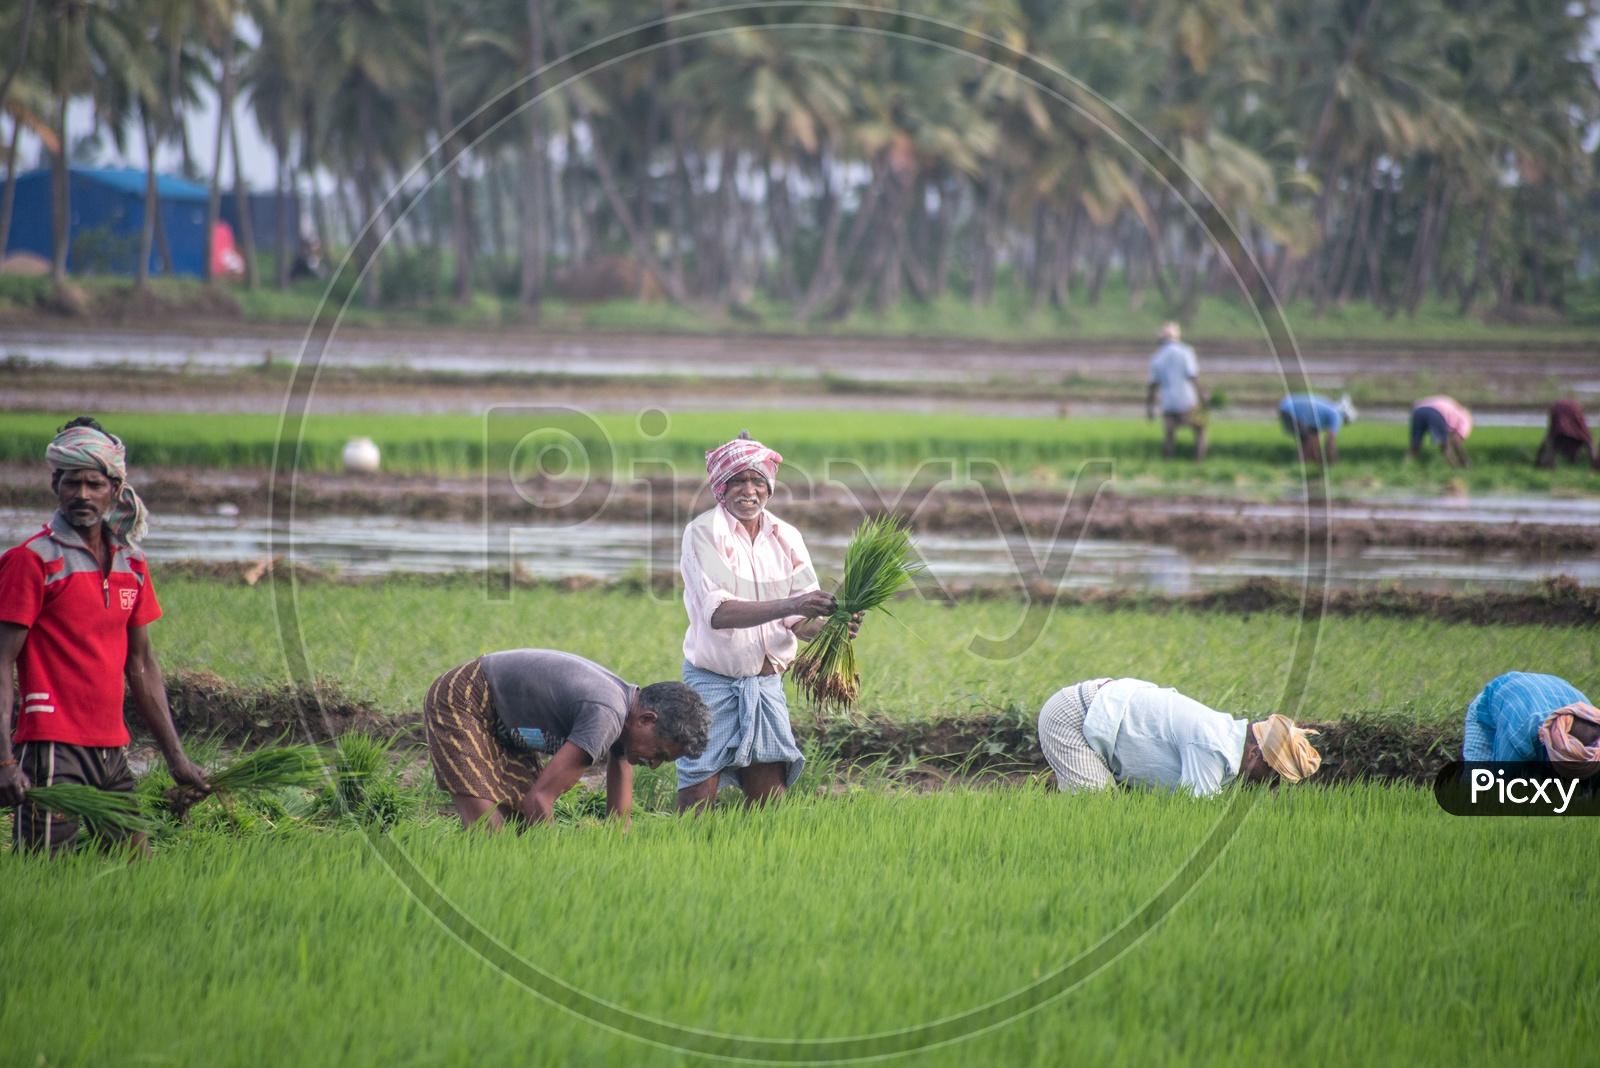 farmers in paddy fields